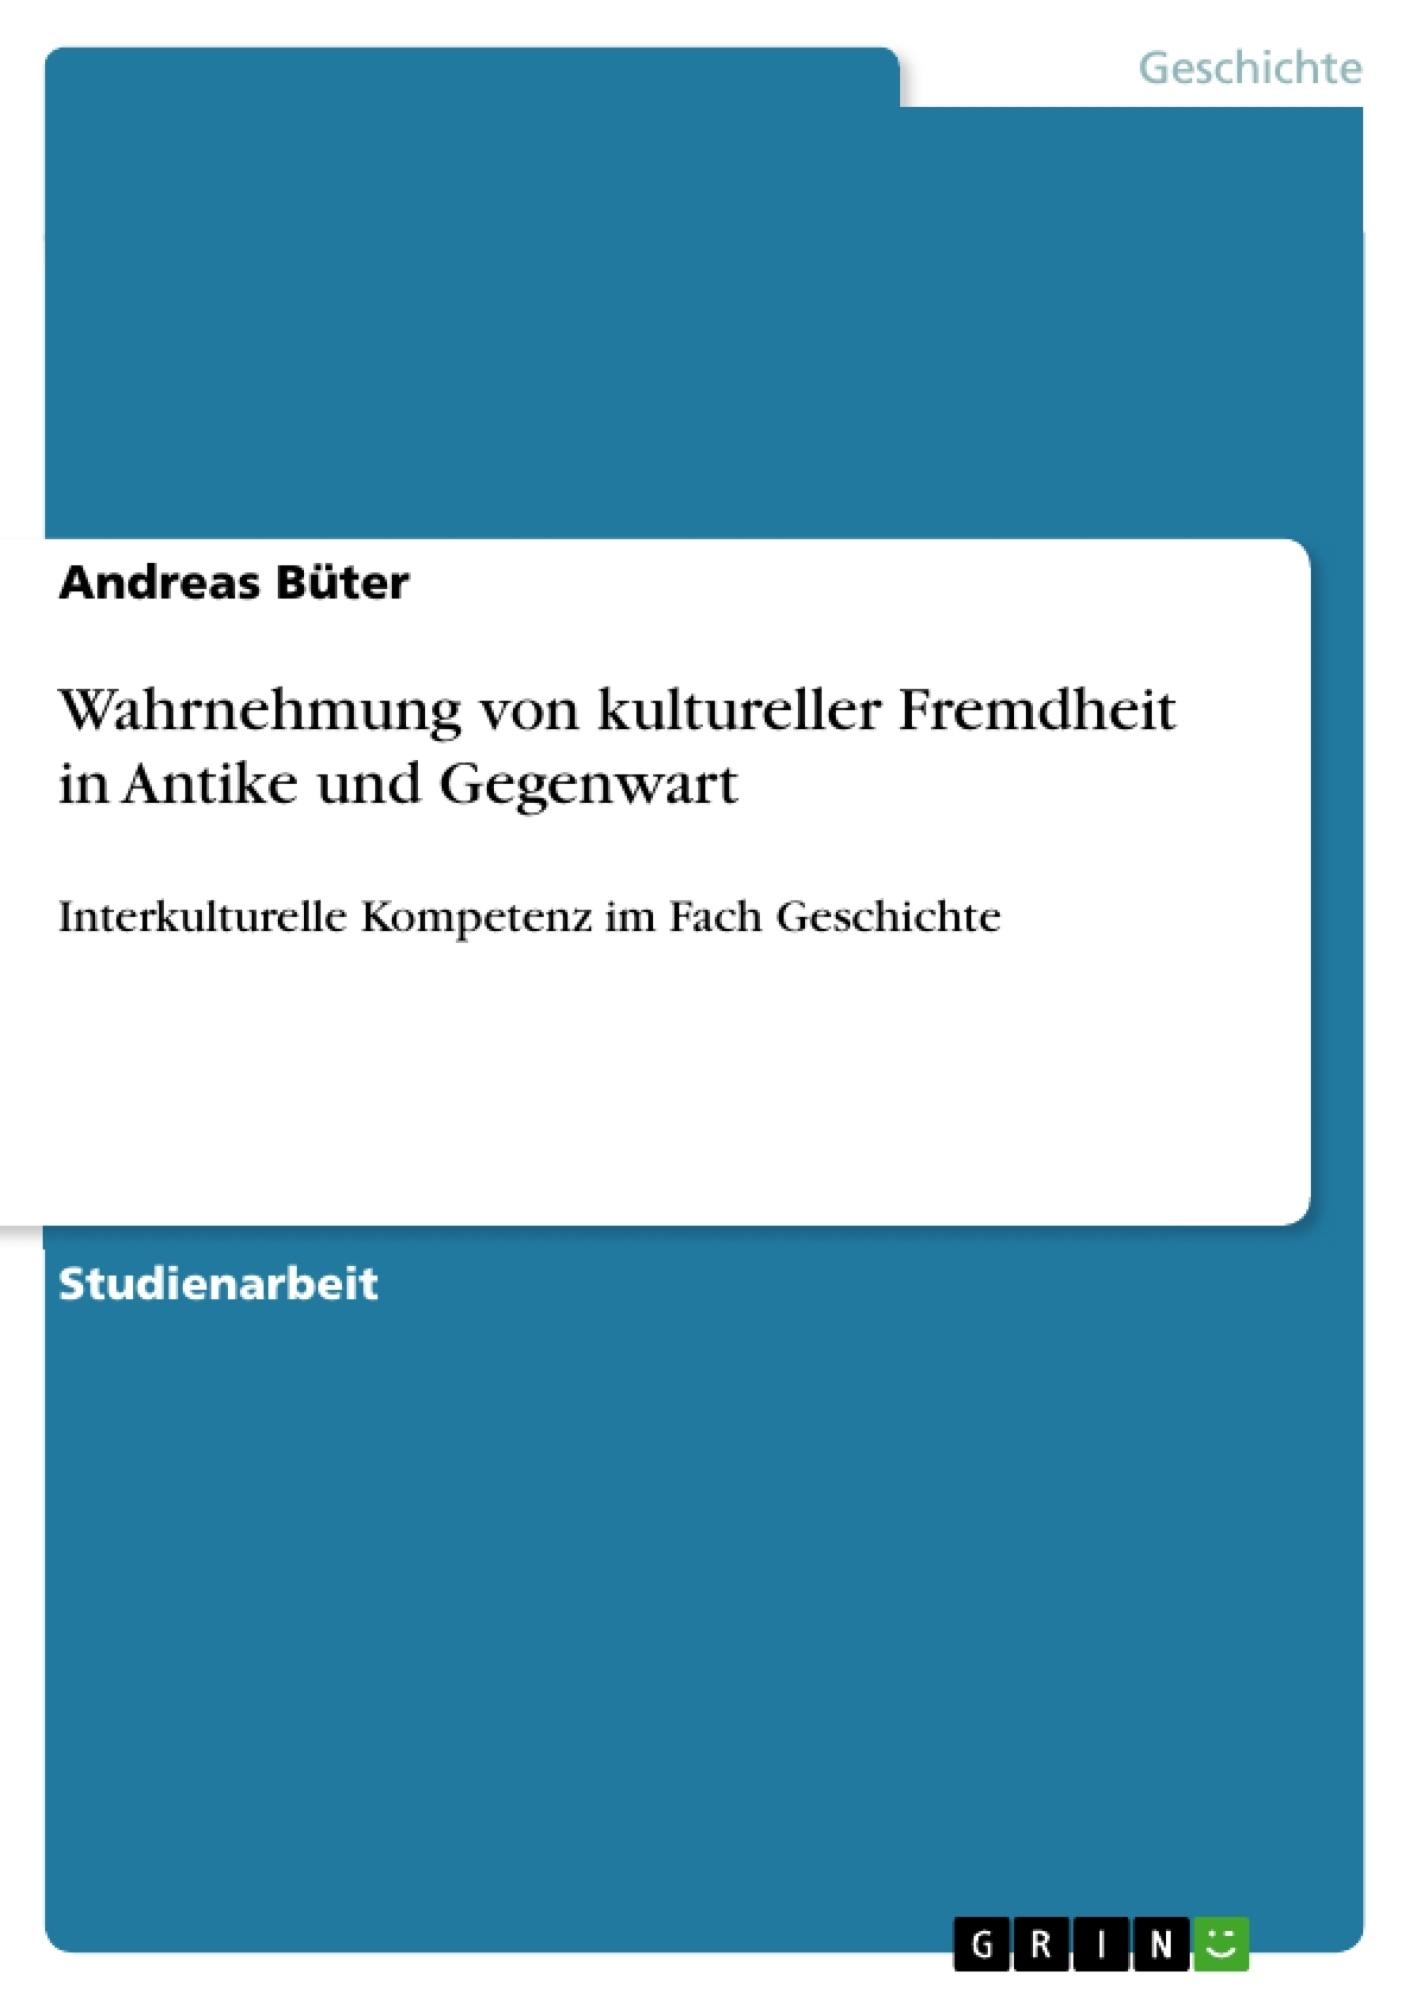 Titel: Wahrnehmung von kultureller Fremdheit in Antike und Gegenwart